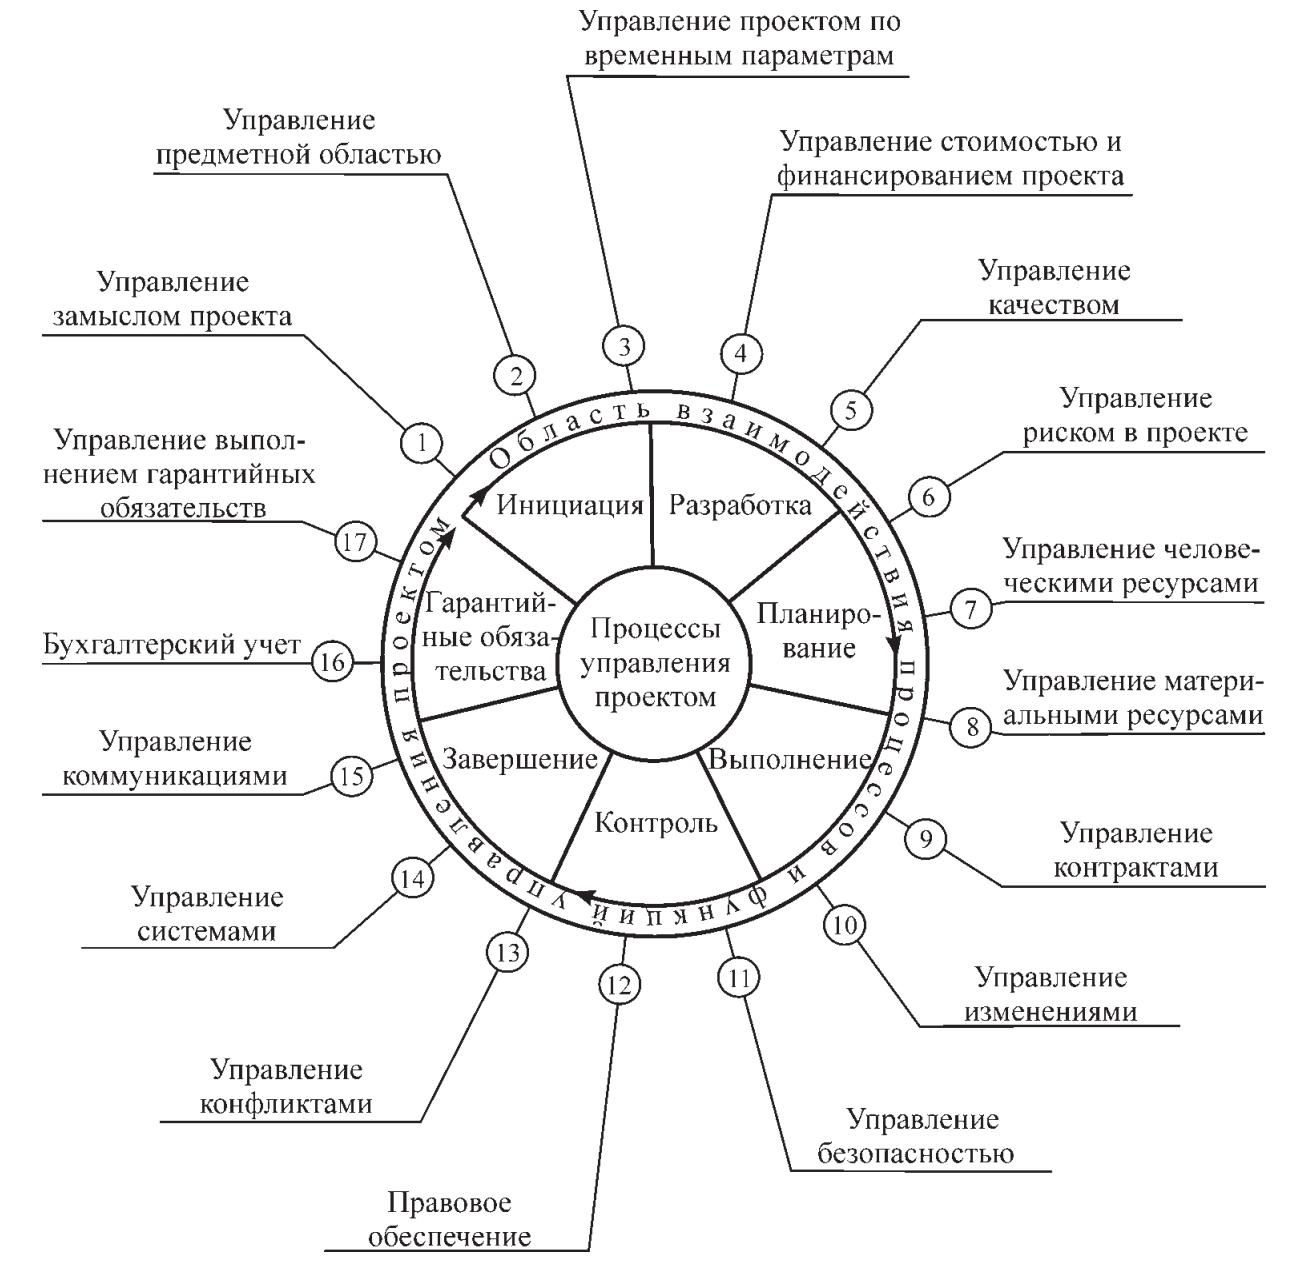 Функции и процессы управления проектами